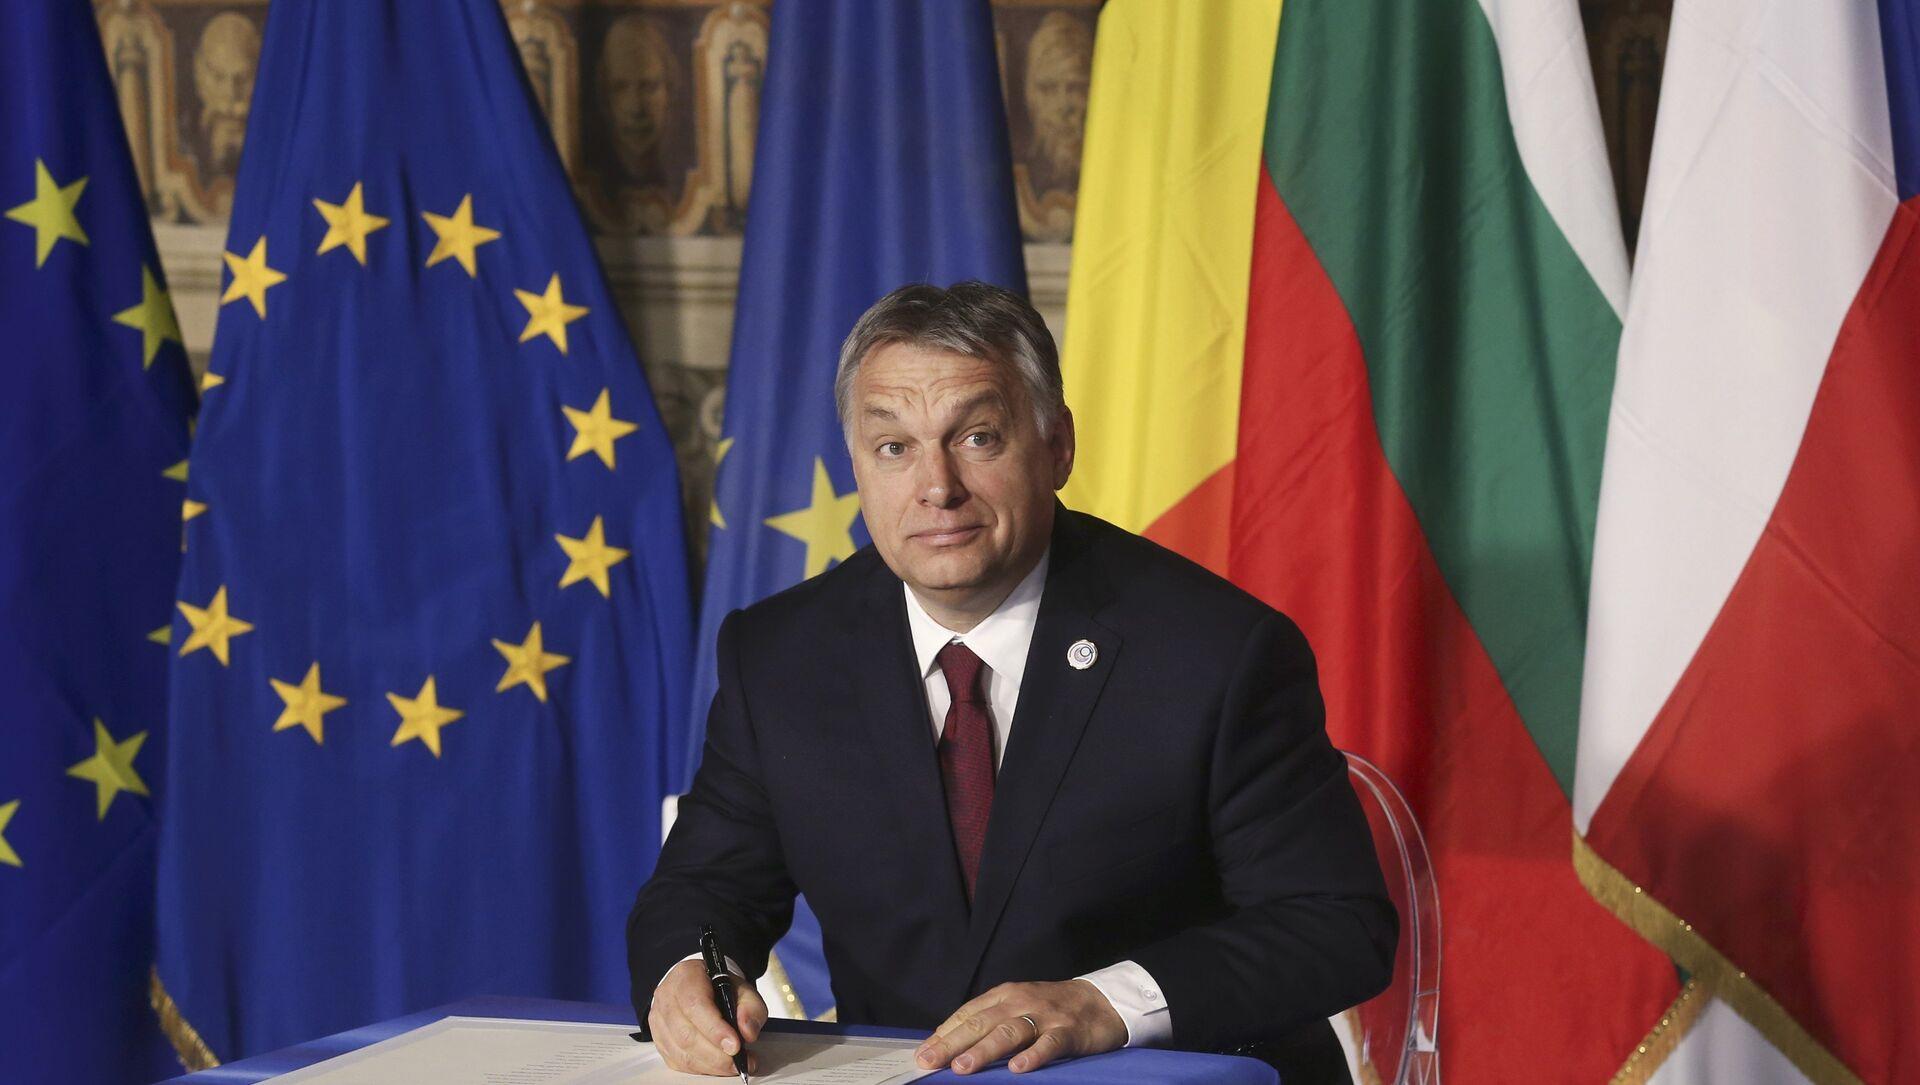 Ora Orban vuole rifondare la destra europea: Al lavoro con Salvini, Meloni e il Pis polacco - Sputnik Italia, 1920, 19.03.2021